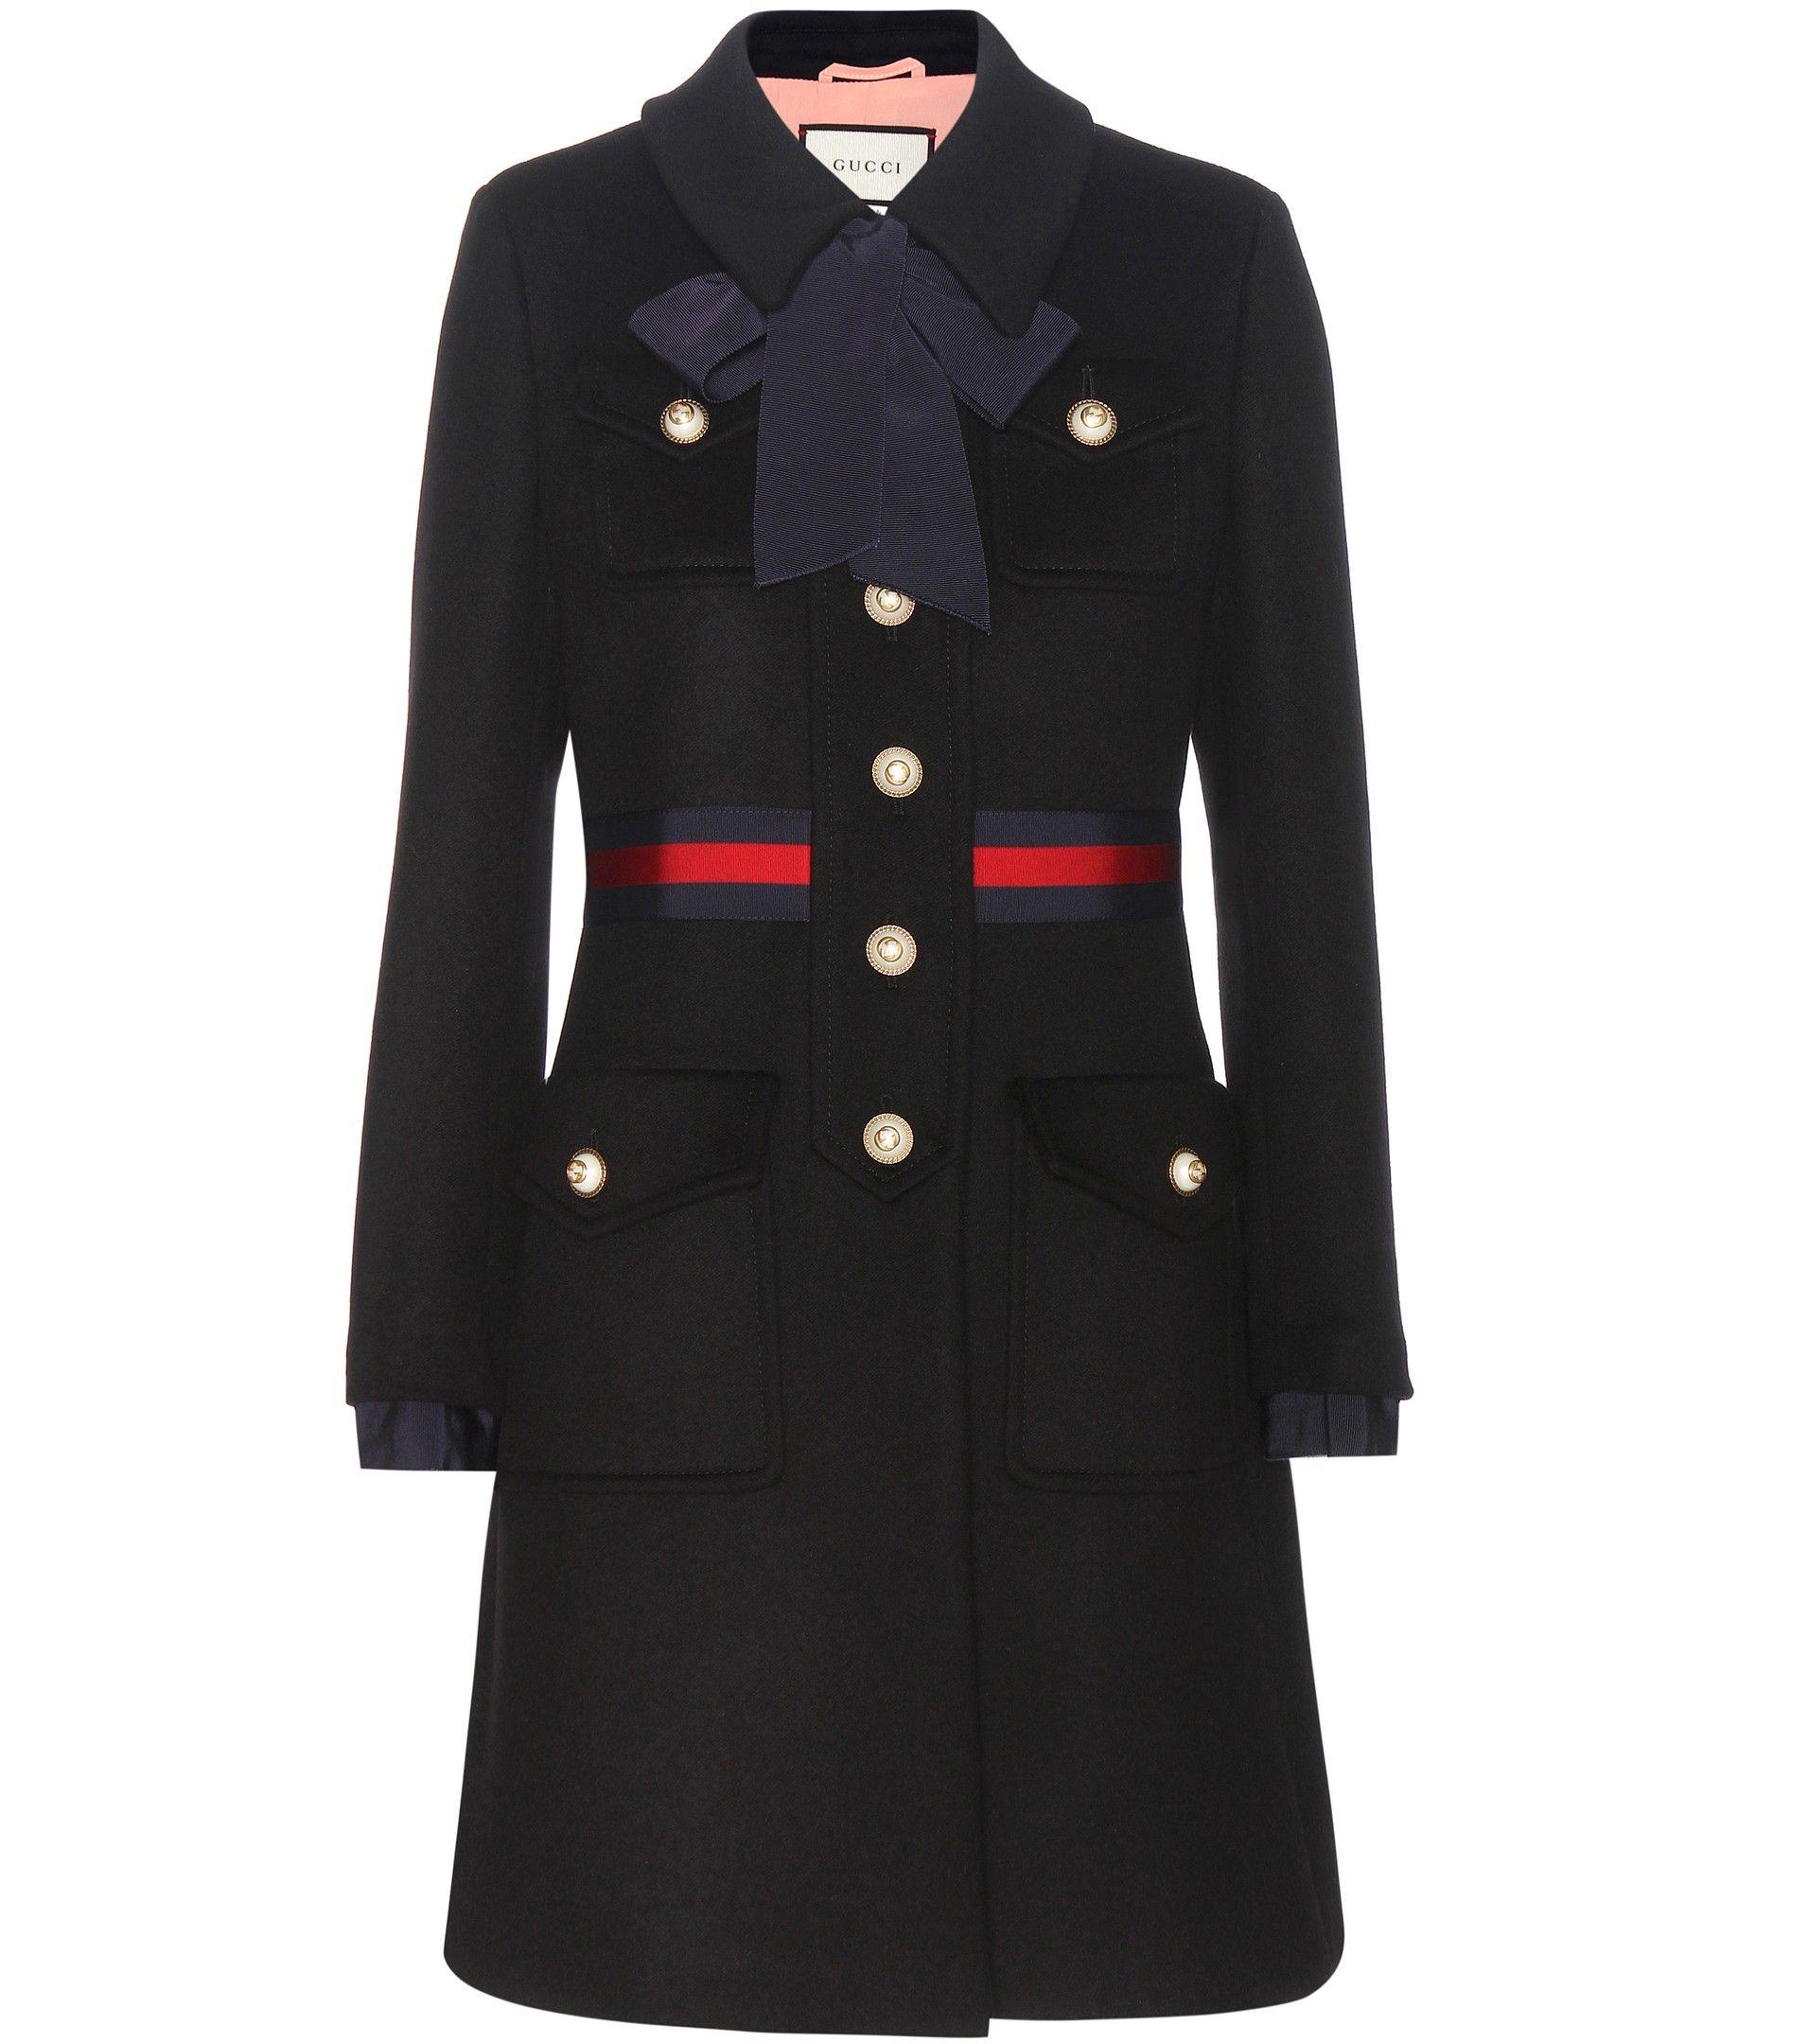 mytheresa.com - Manteau en laine - Gucci - Créateurs - Luxe et Mode pour femme - Vêtements, chaussures et sacs de créateurs internationaux